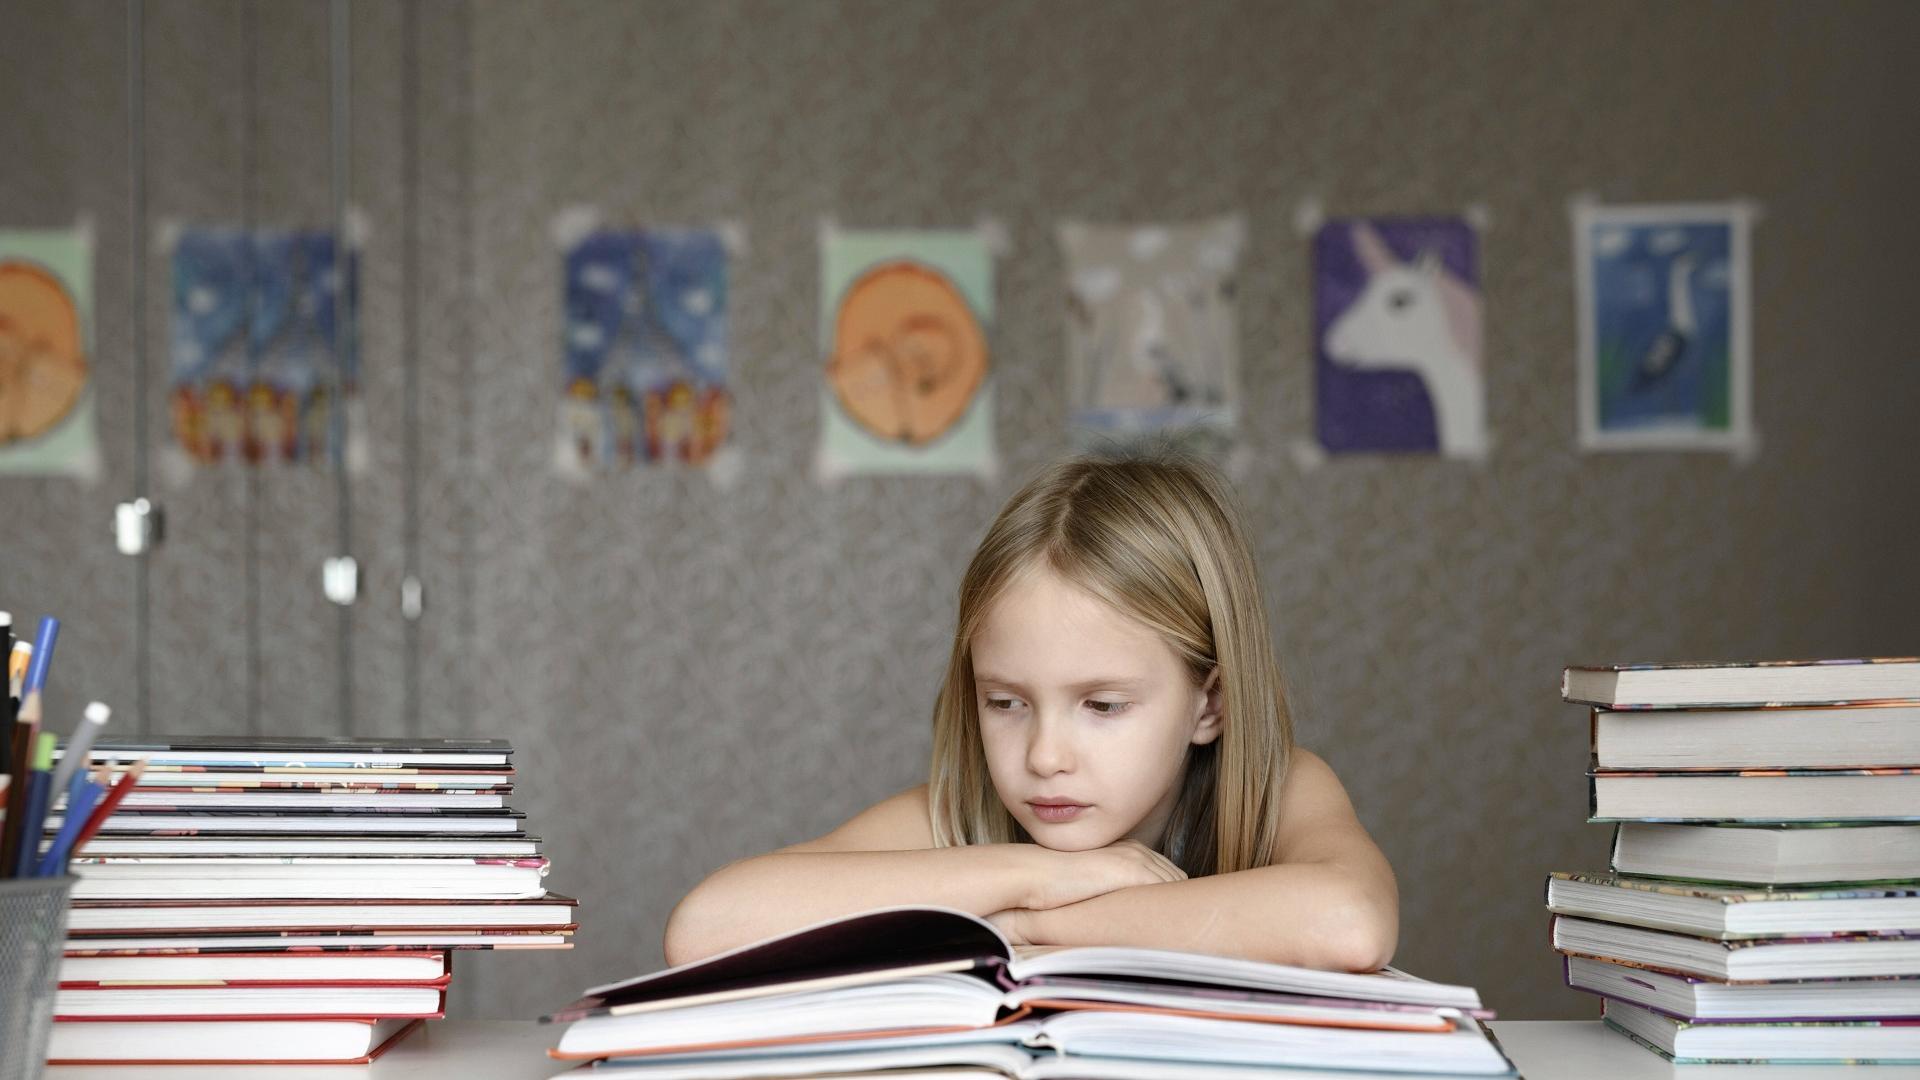 Mädchen sitzt genervt über Schulbüchern